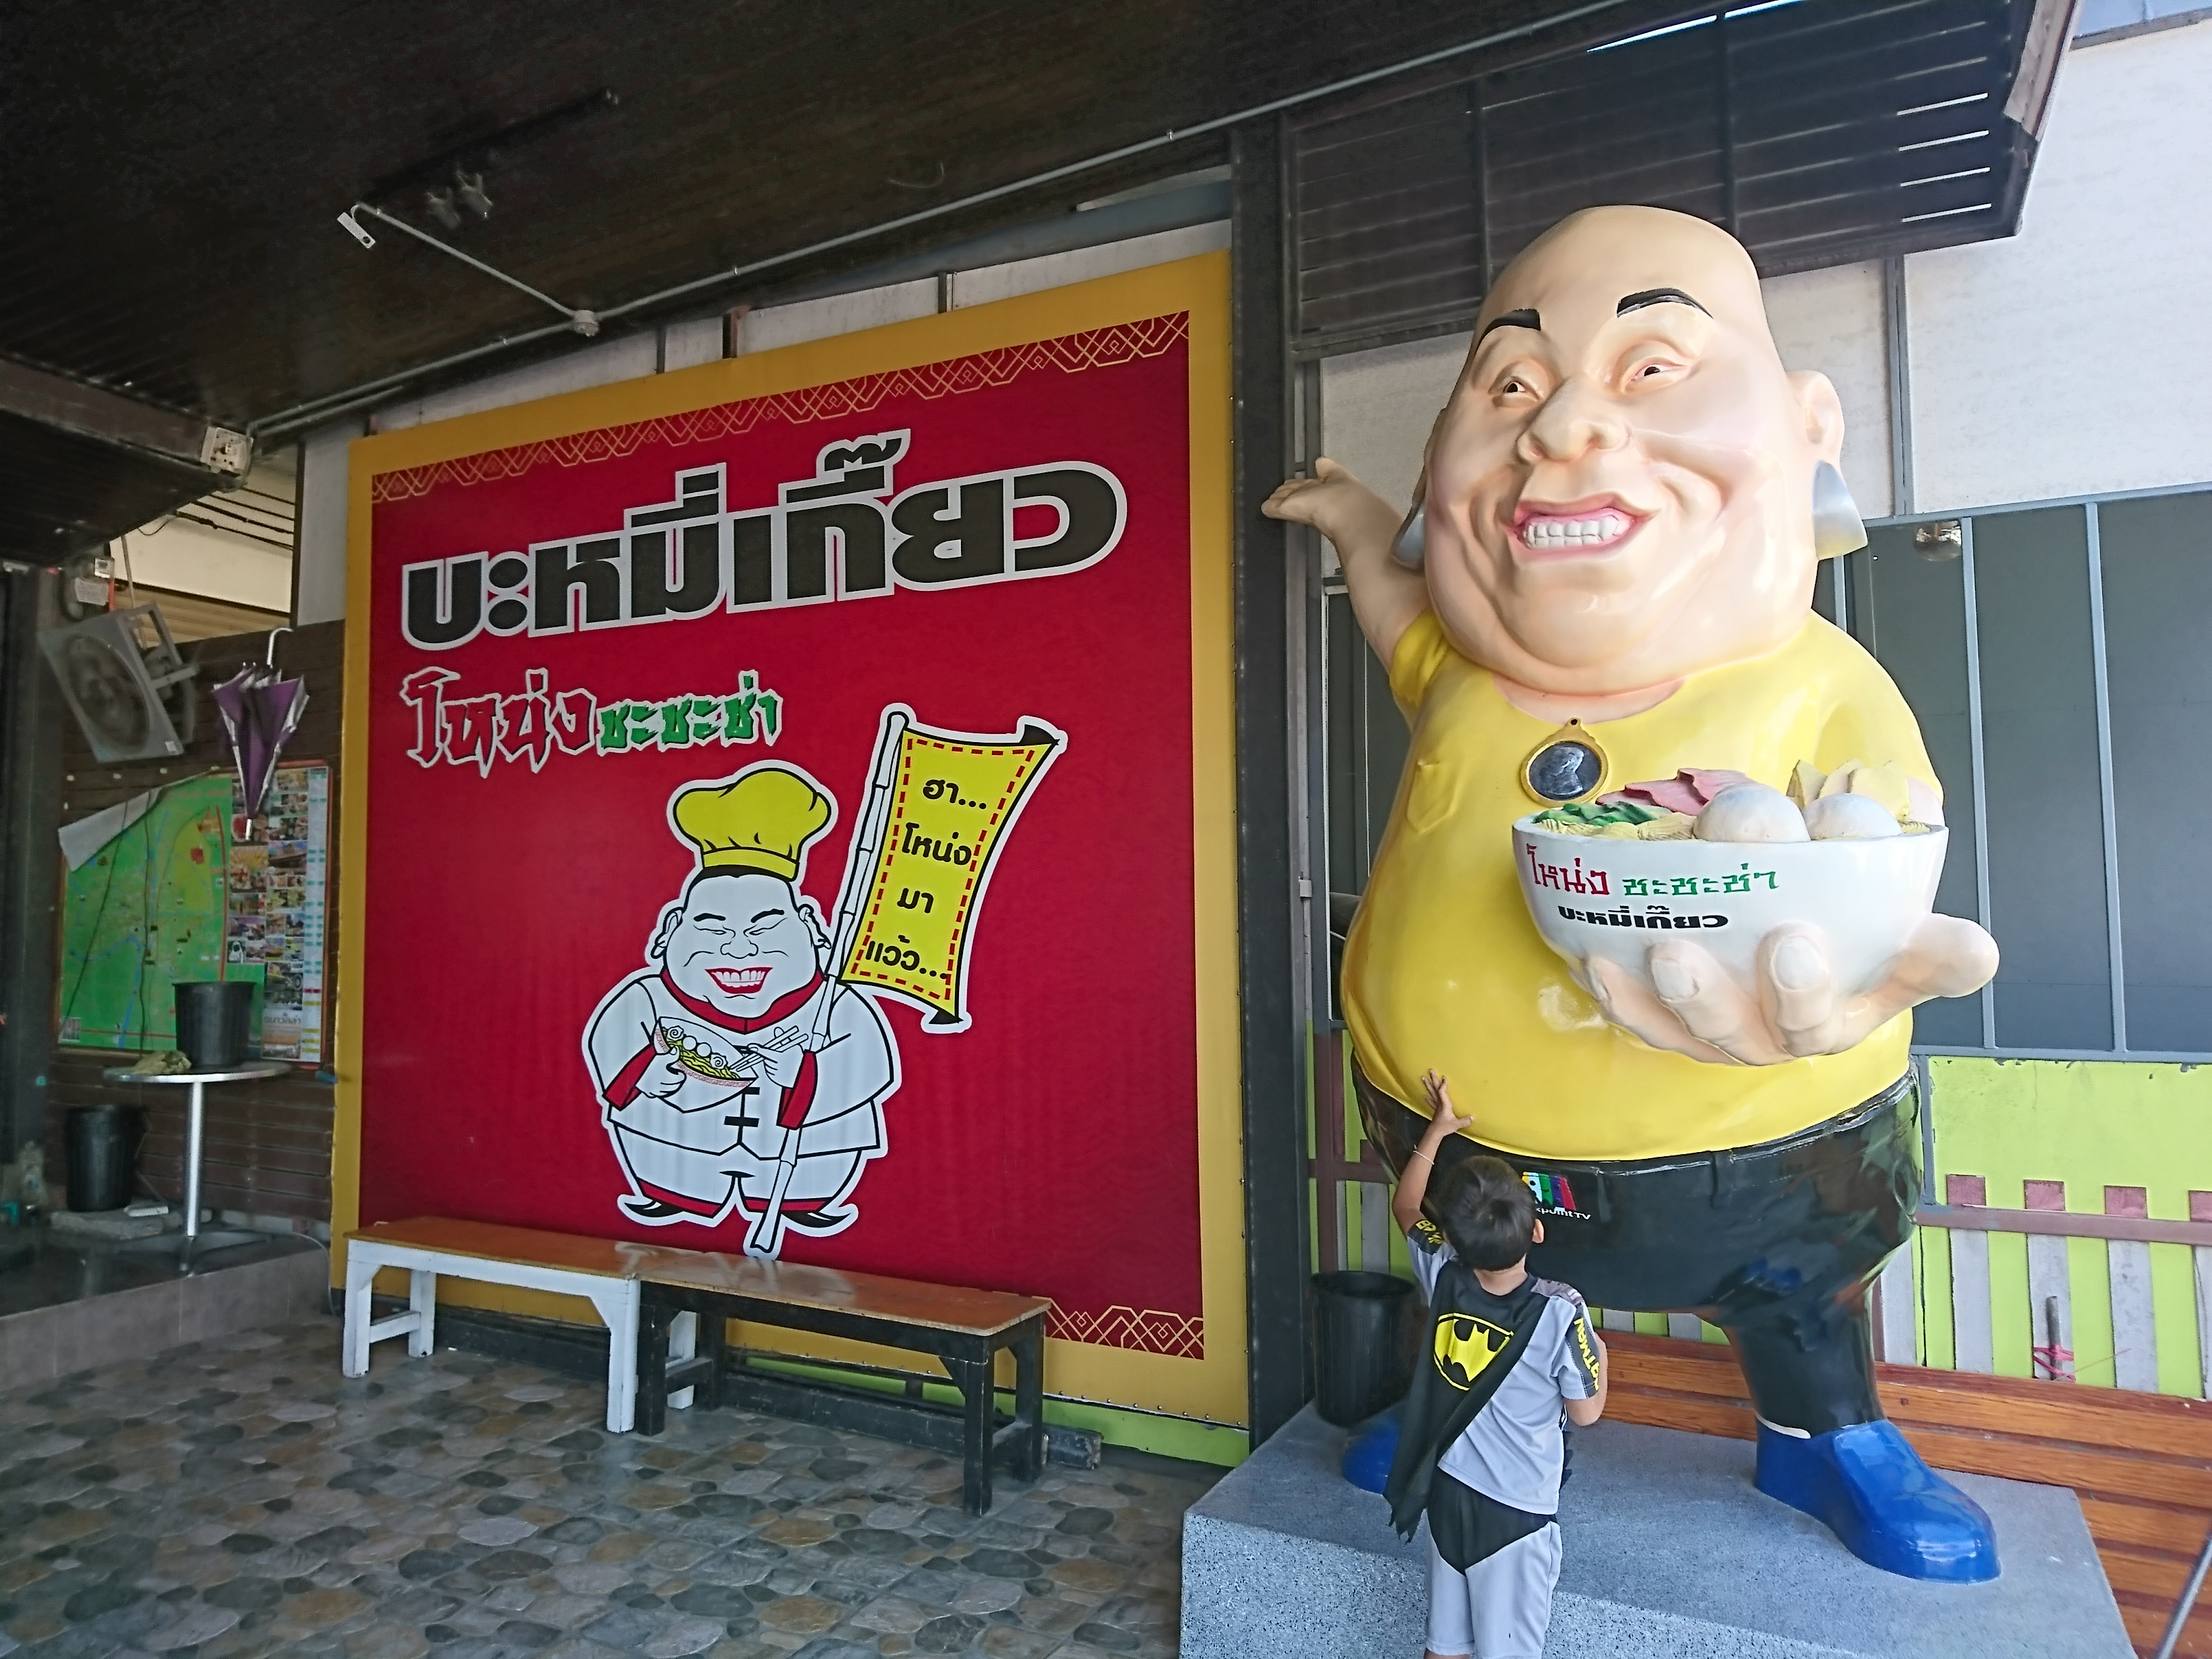 バミー キアオ ノォー シャシャシャーァ / アユタヤにあるタレント「ノォー」のフランチャイズ店